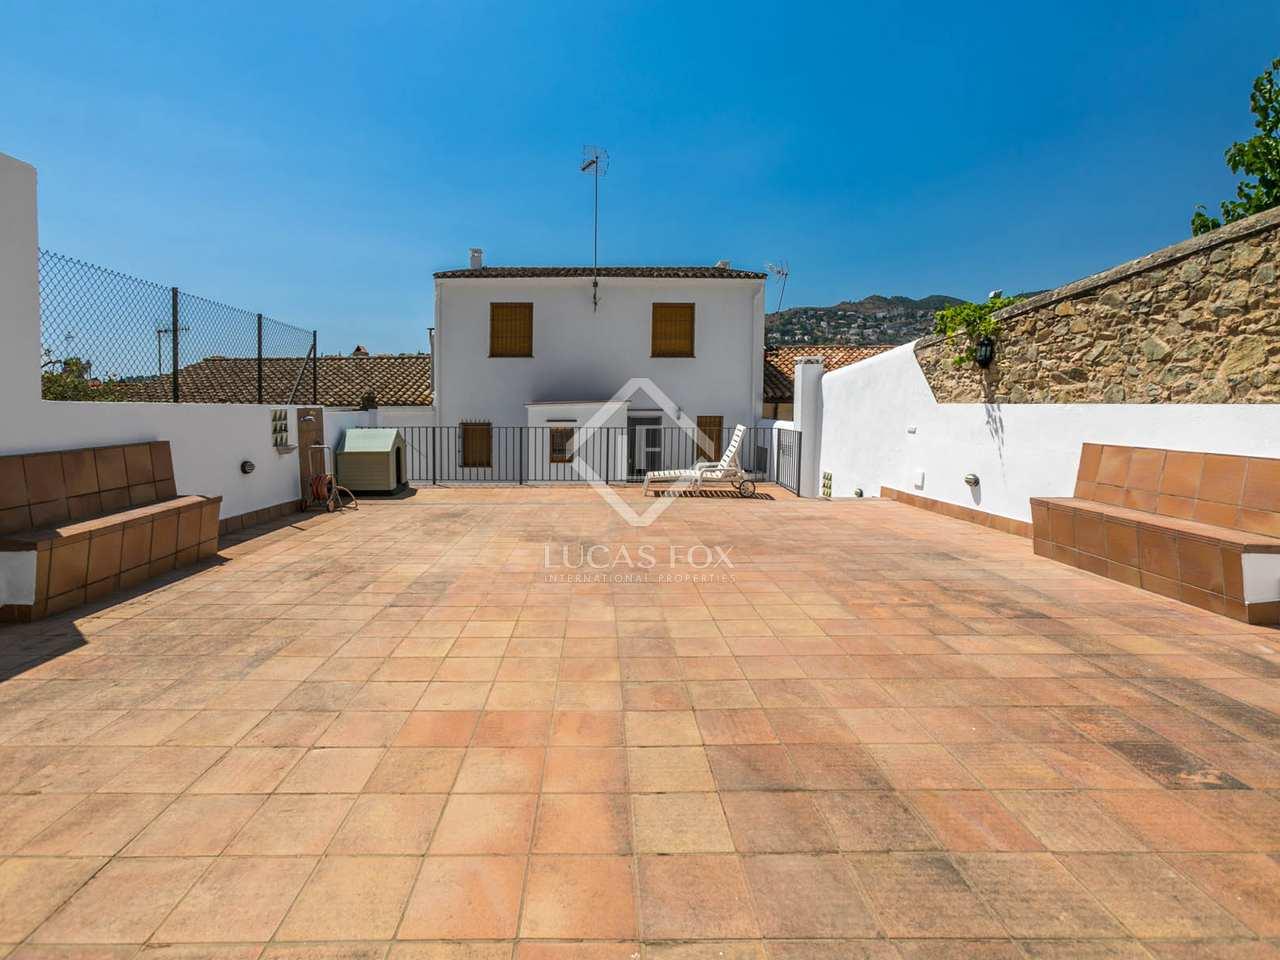 Maison villa de 310m a louer alella avec 150m de jardin - Maison a louer 3 chambres avec jardin ...